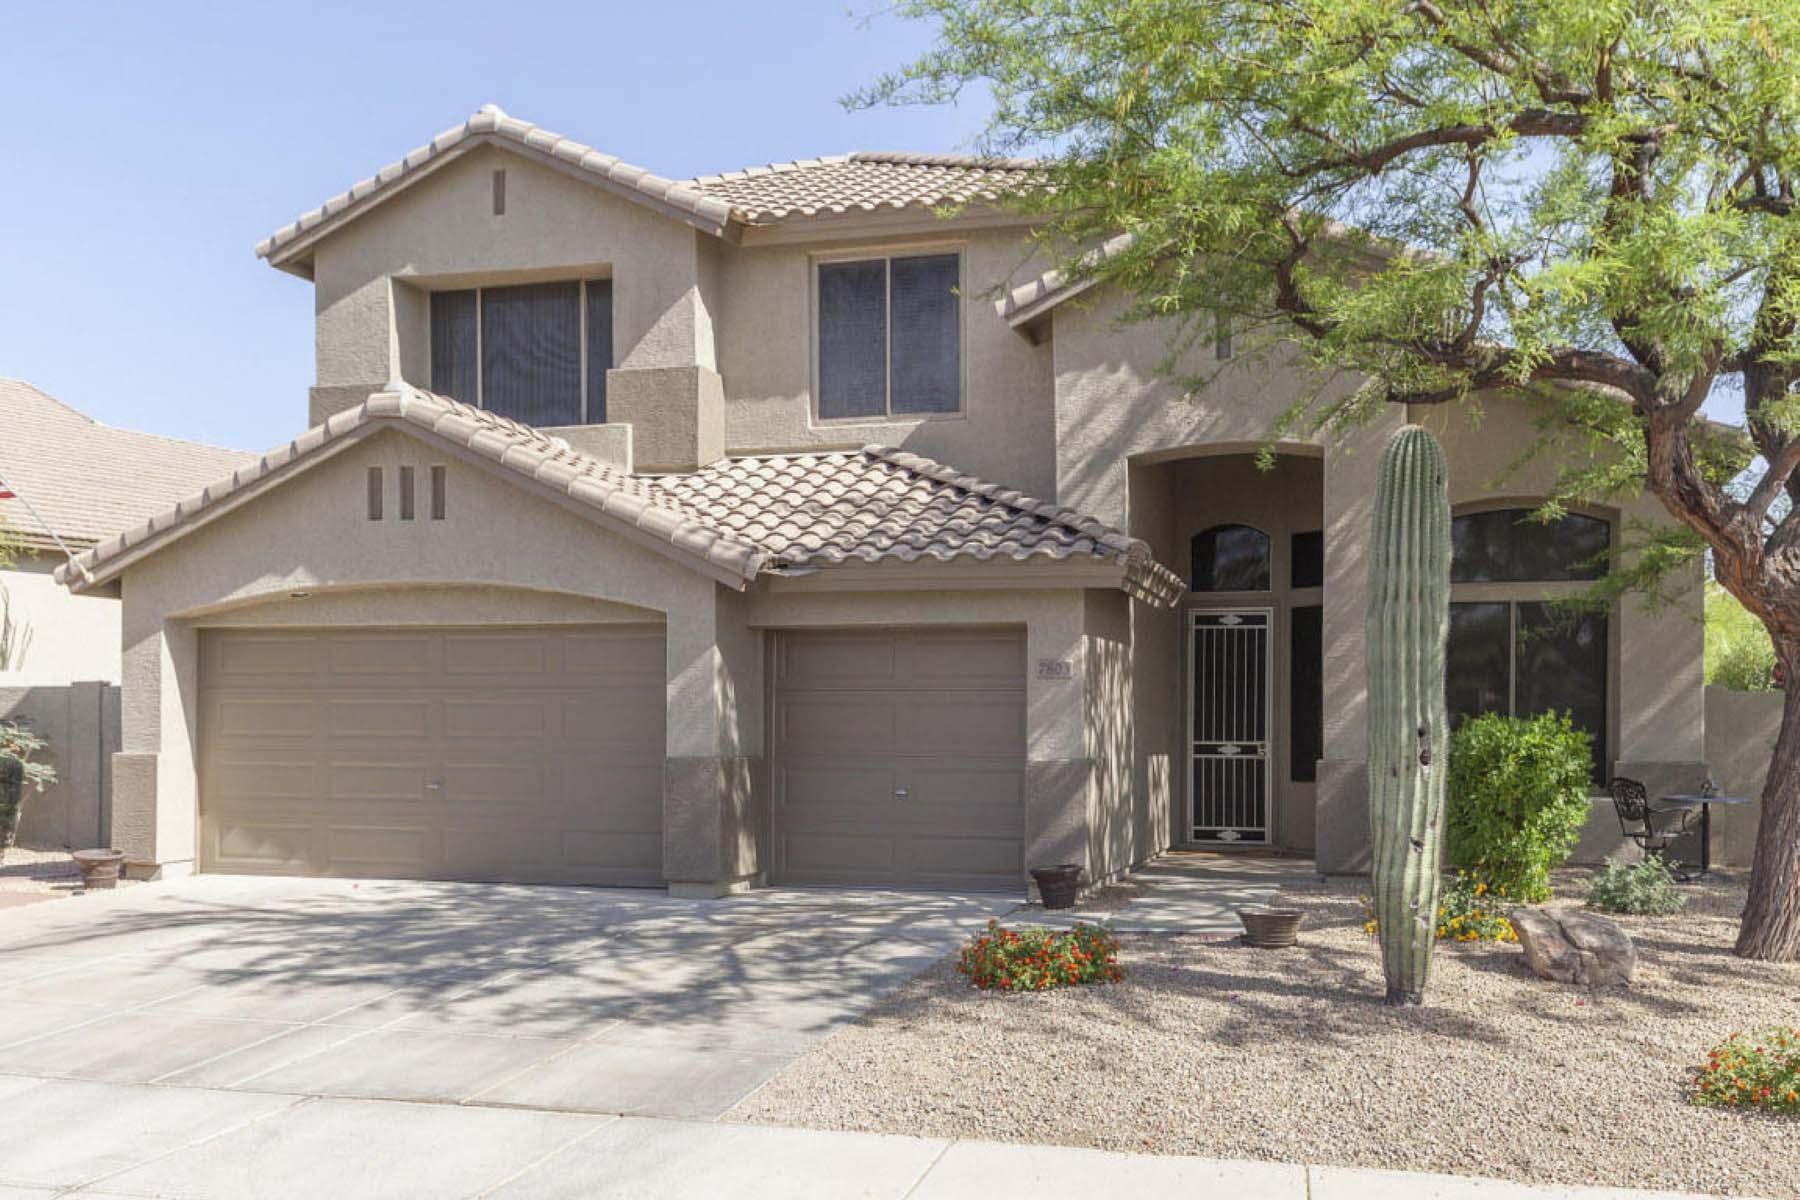 Nhà ở một gia đình vì Bán tại Grayhawk four bedroom home. 7803 E PHANTOM WAY Scottsdale, Arizona 85255 Hoa Kỳ